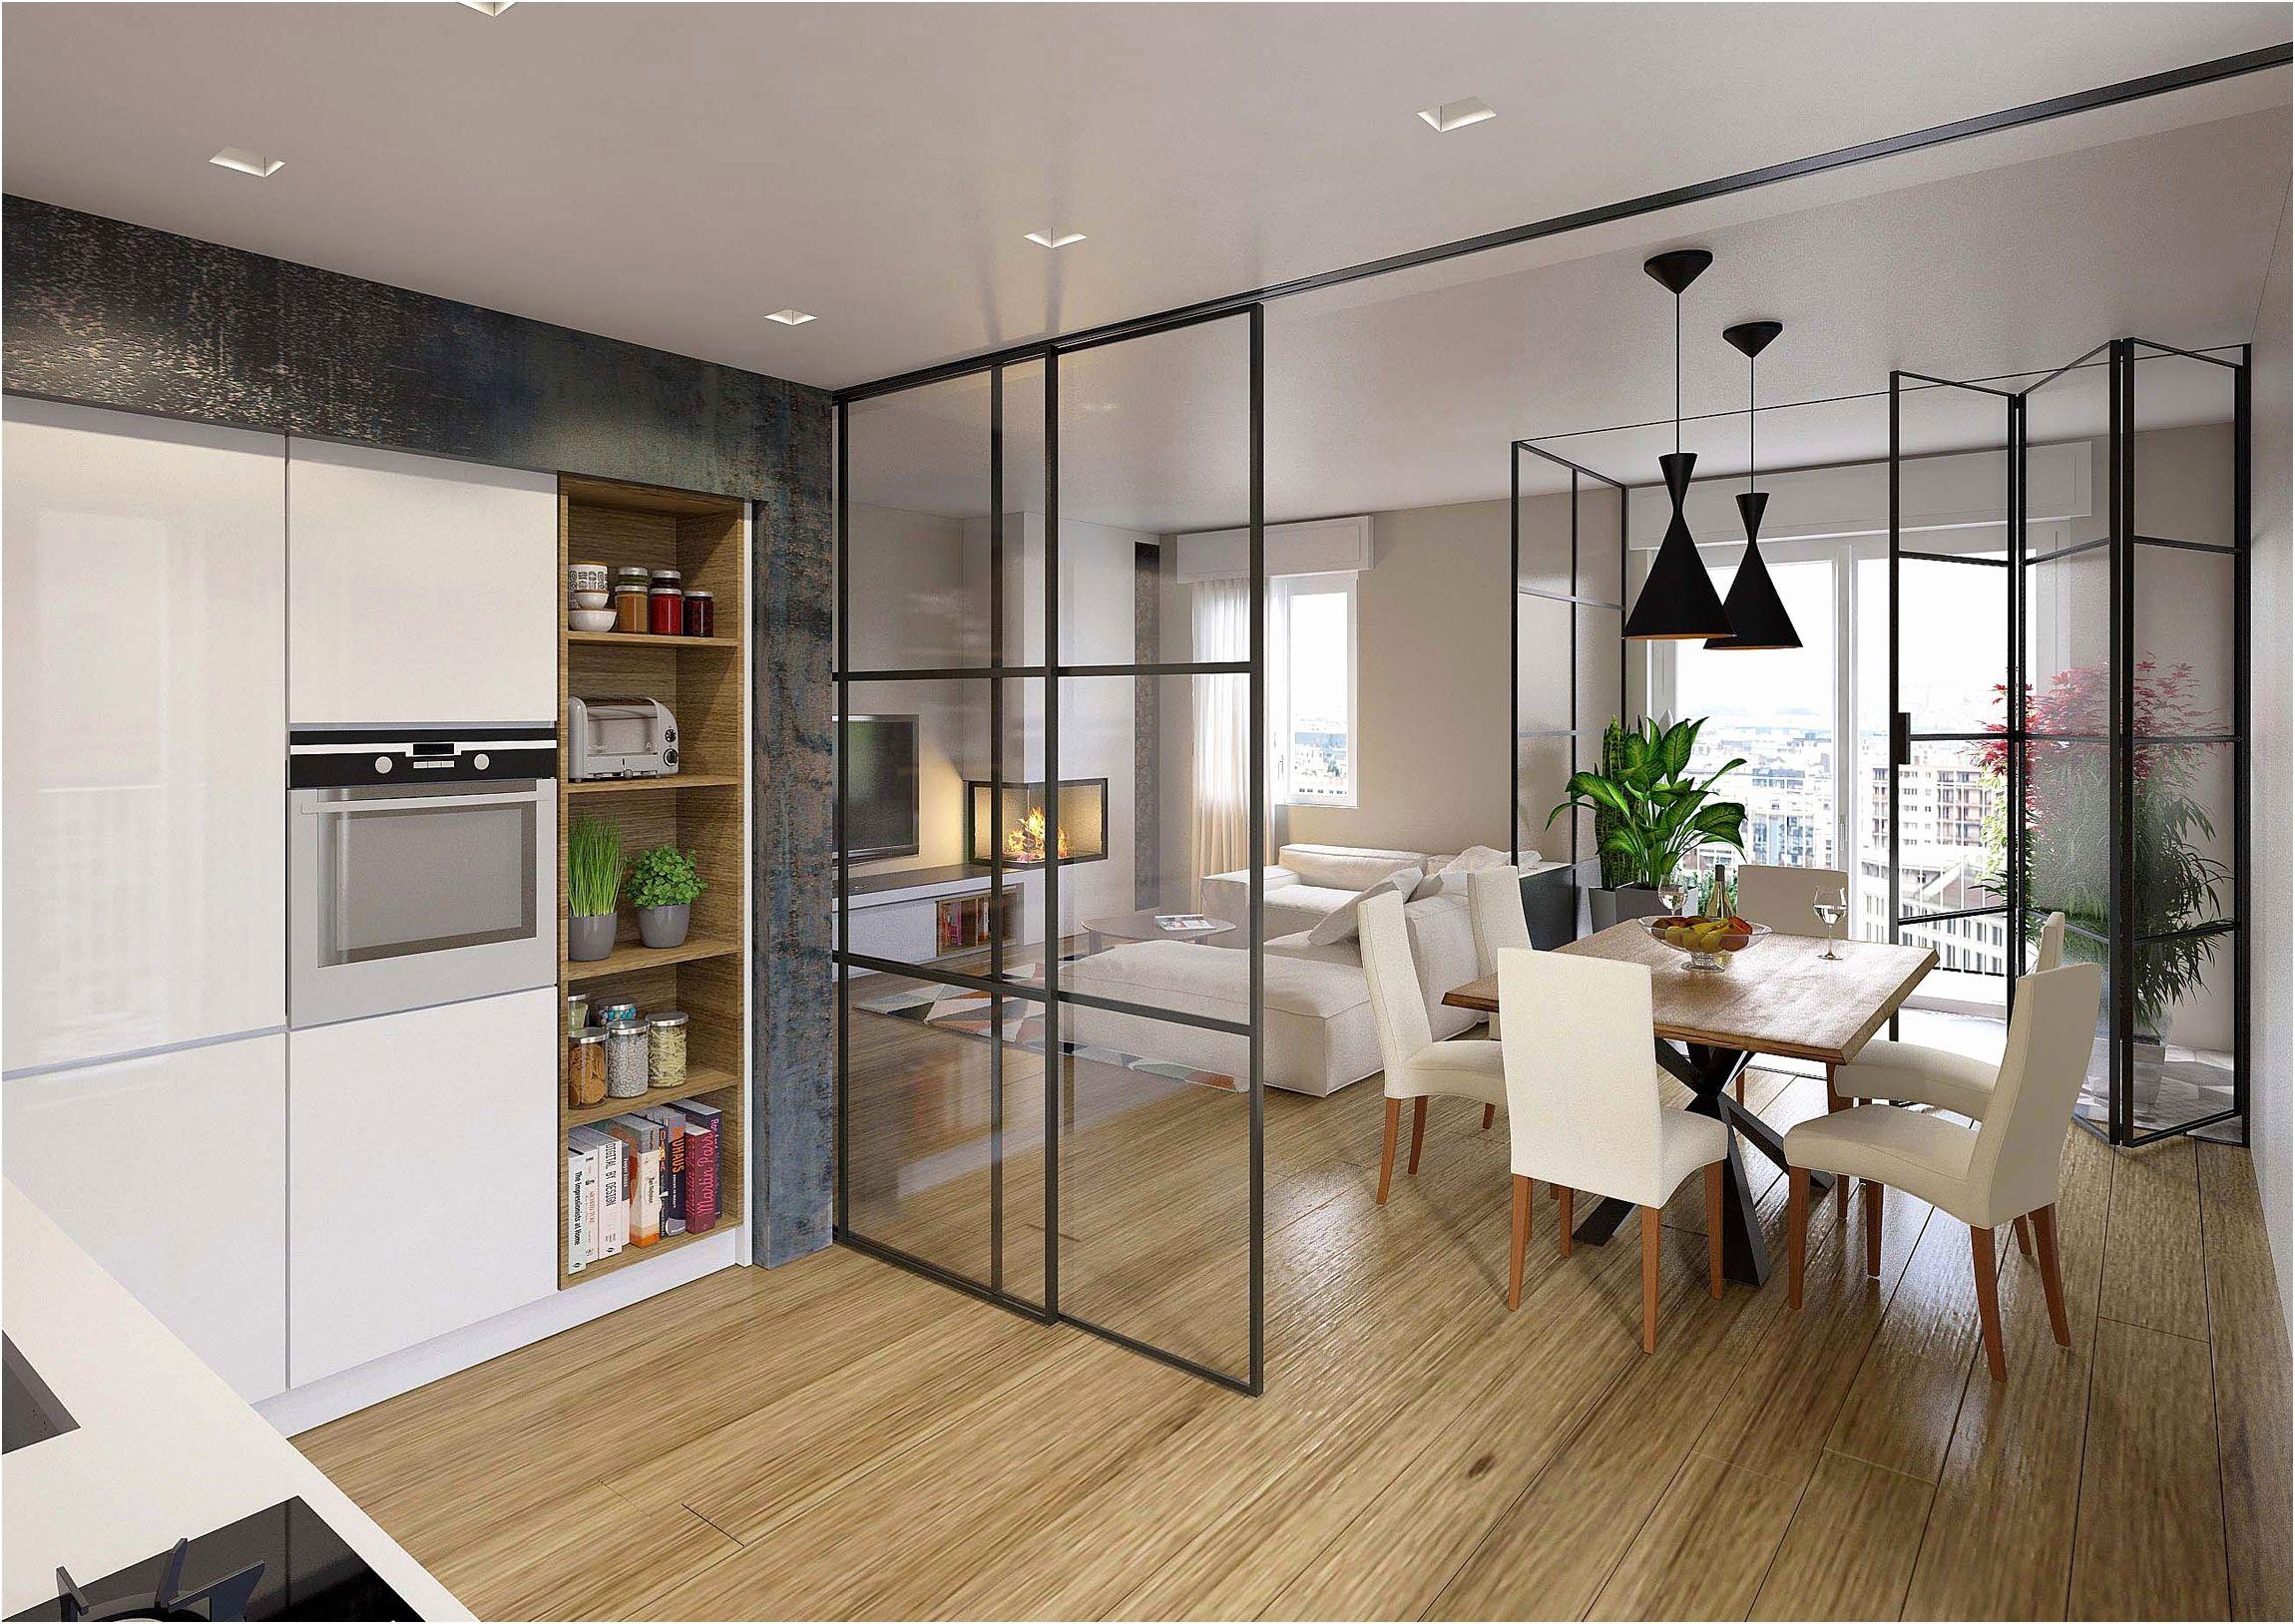 Risultati immagini per dividere cucina da soggiorno con vetrata ...